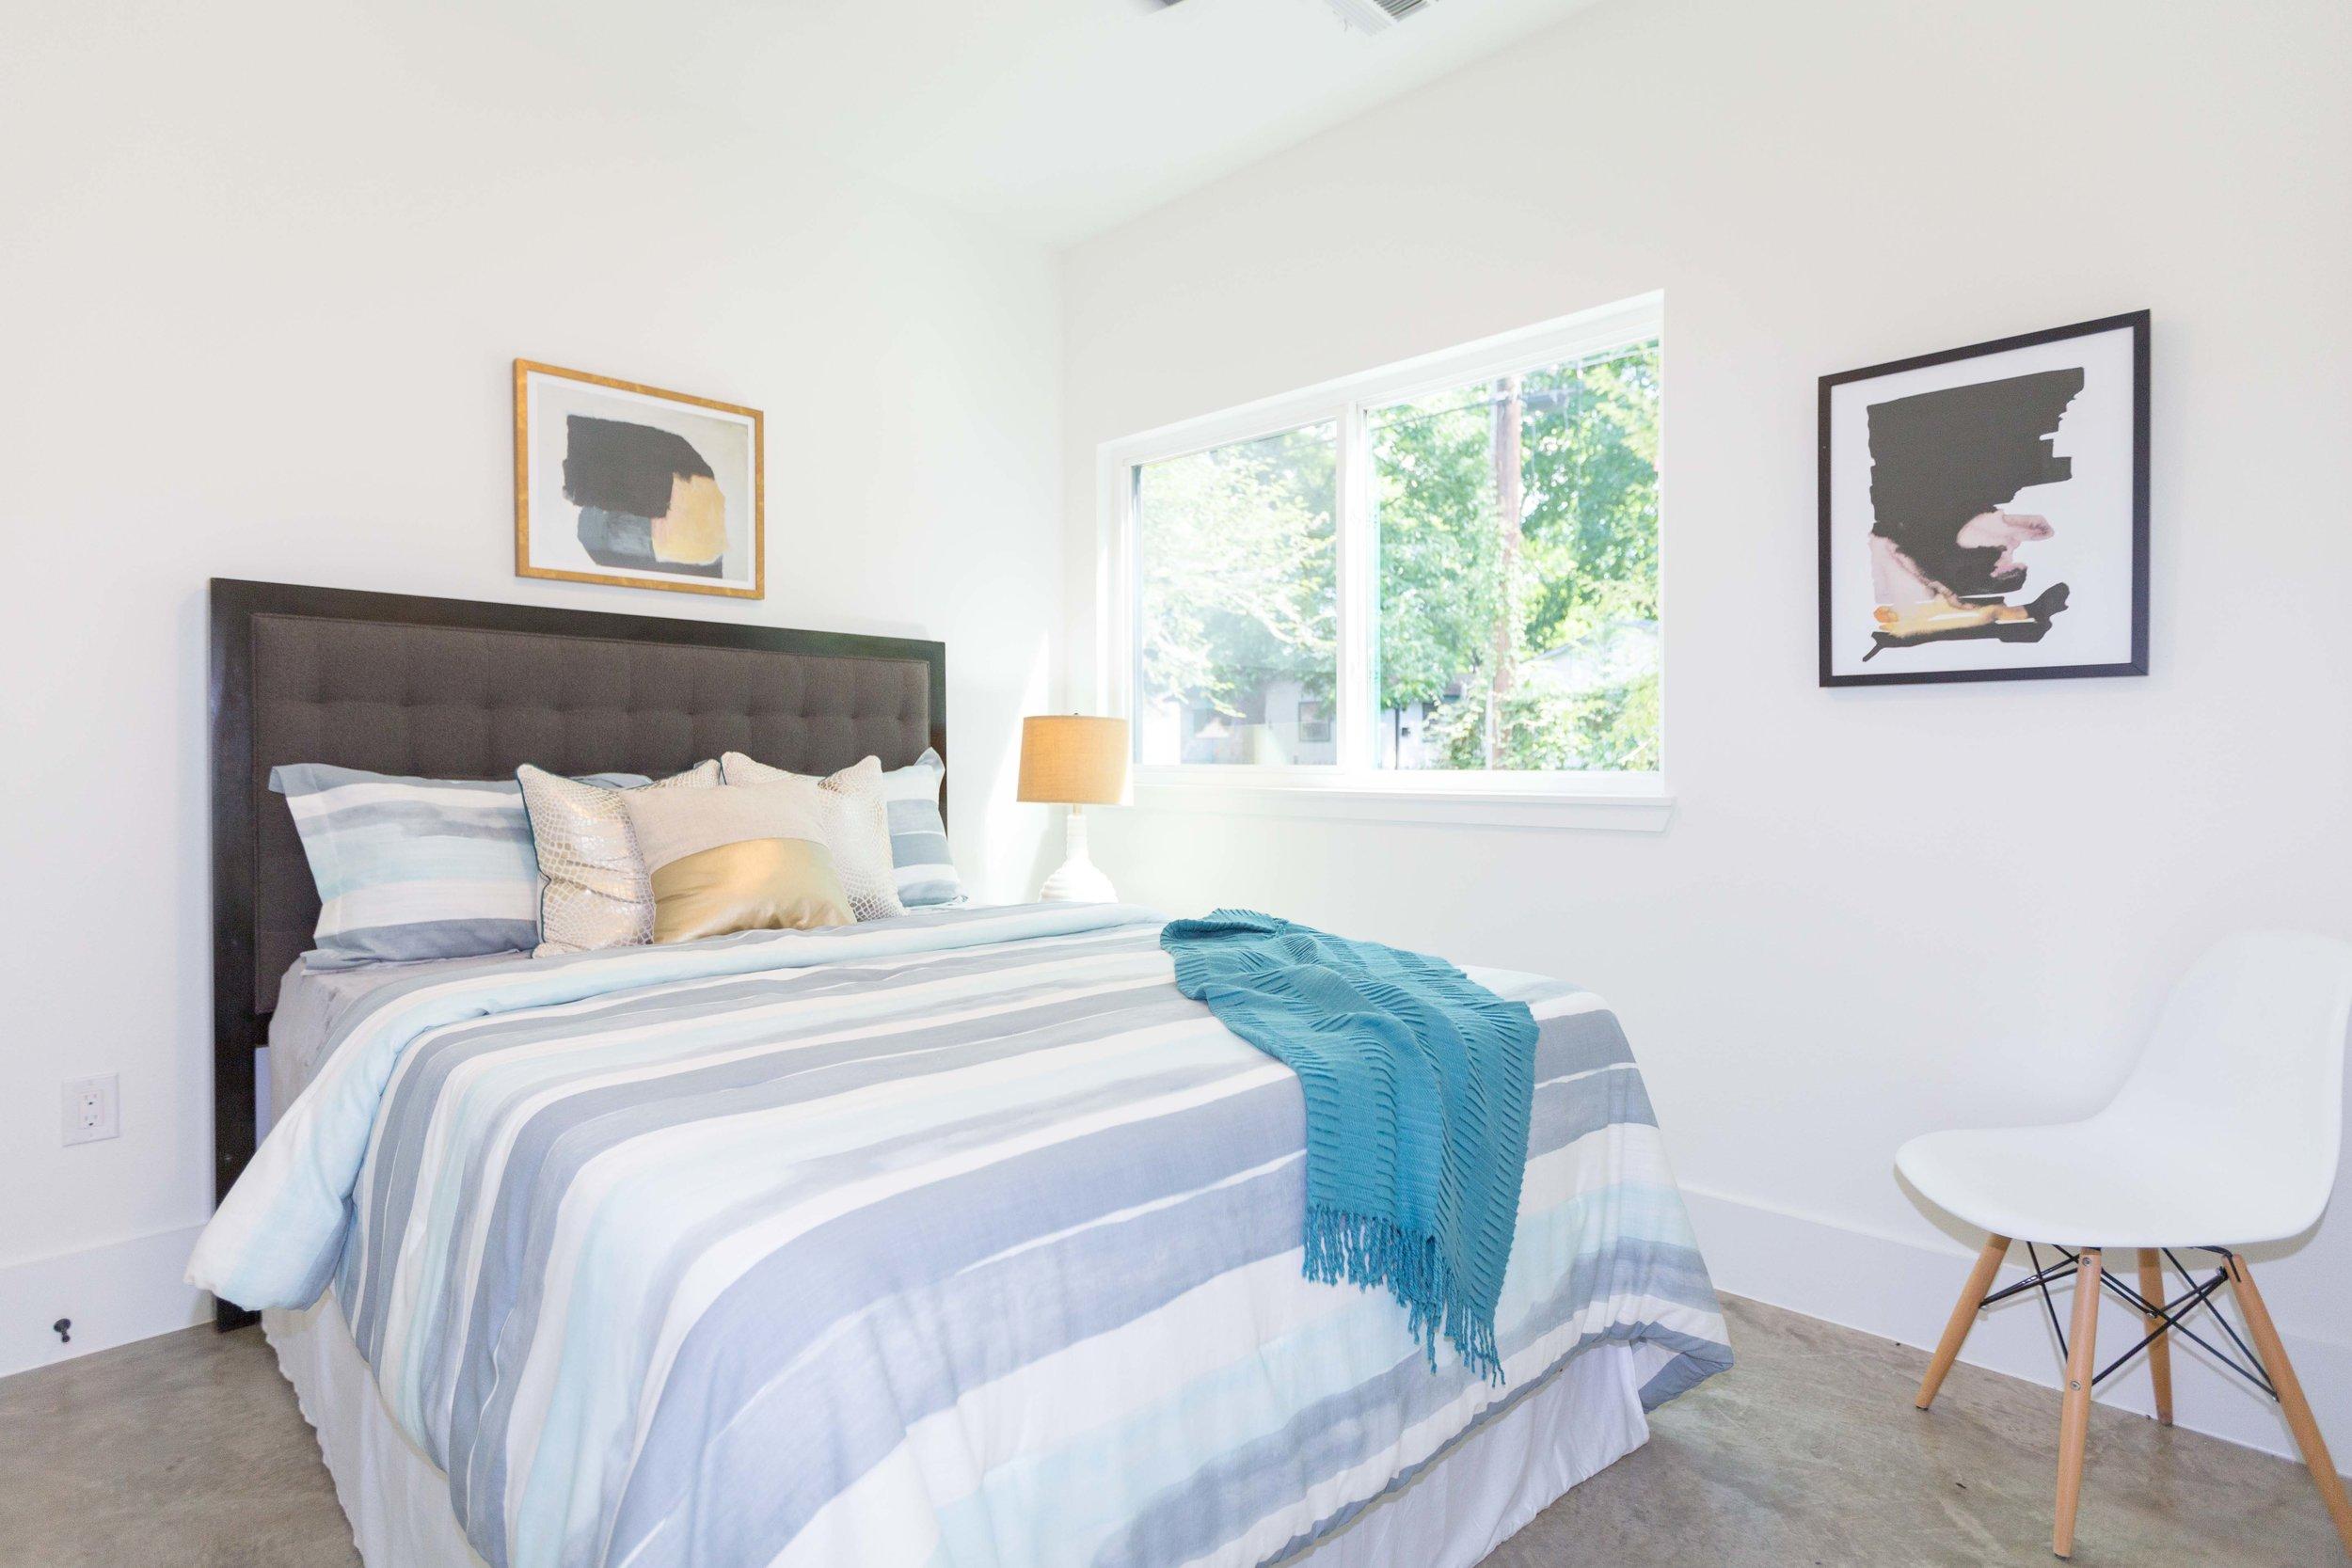 2504_WillowB_-_East_Austin_Alley_House_Modern_Cottage-9931[1].jpg